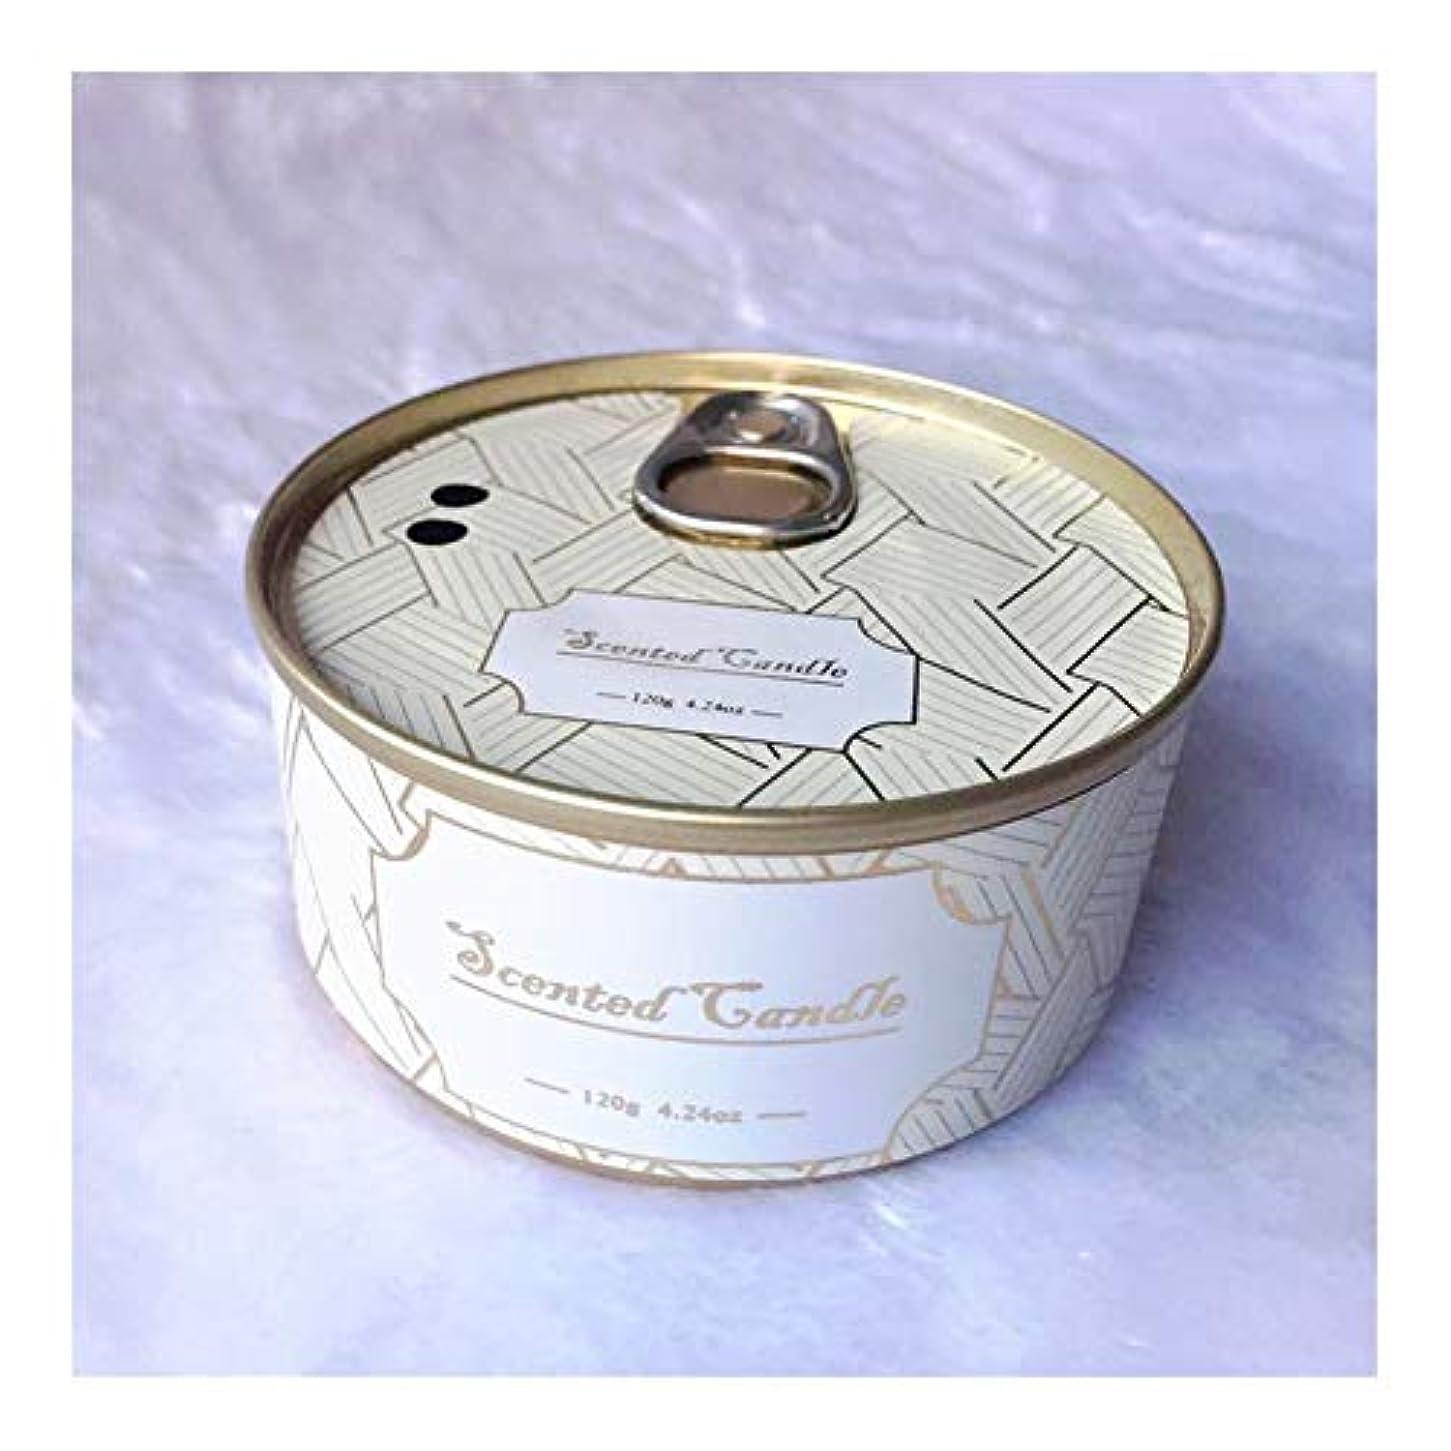 ペストピケ小売Ztian ブリキ缶植物エッセンシャルオイル大豆ワックスジュニパーラベンダーの香りのキャンドル (色 : Lavender)